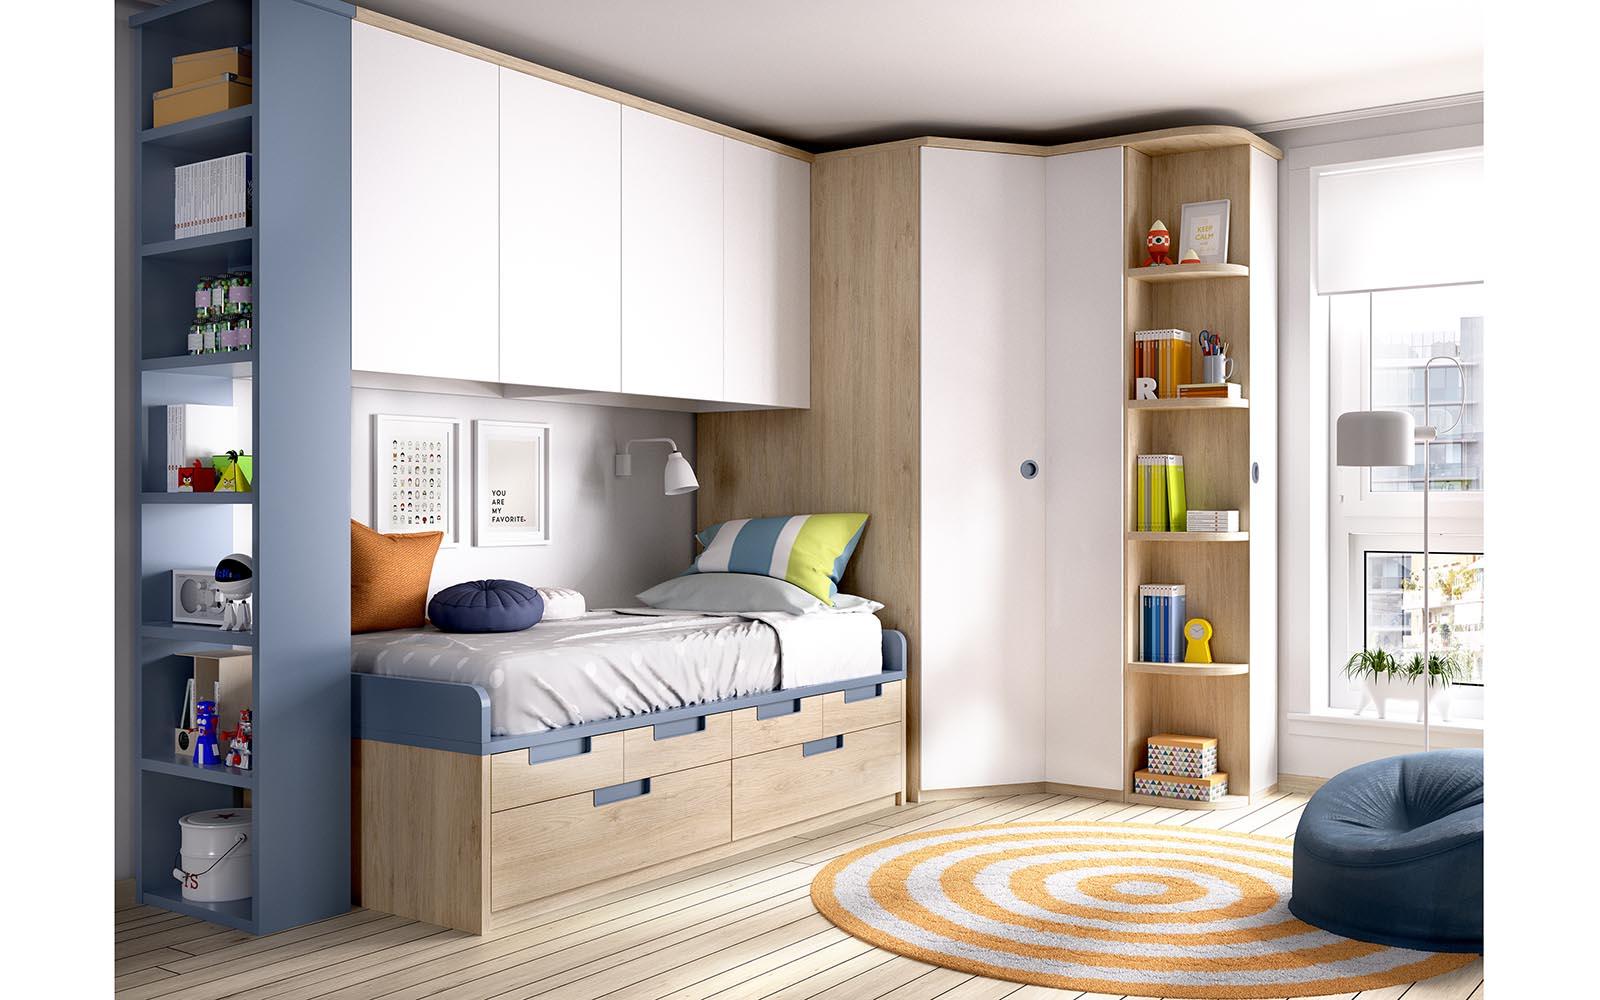 wooden kids bed with blue details, boy bedroom, krevati xilino me mple leptomeries kai ermarakia sto kato meros tou krevatiou